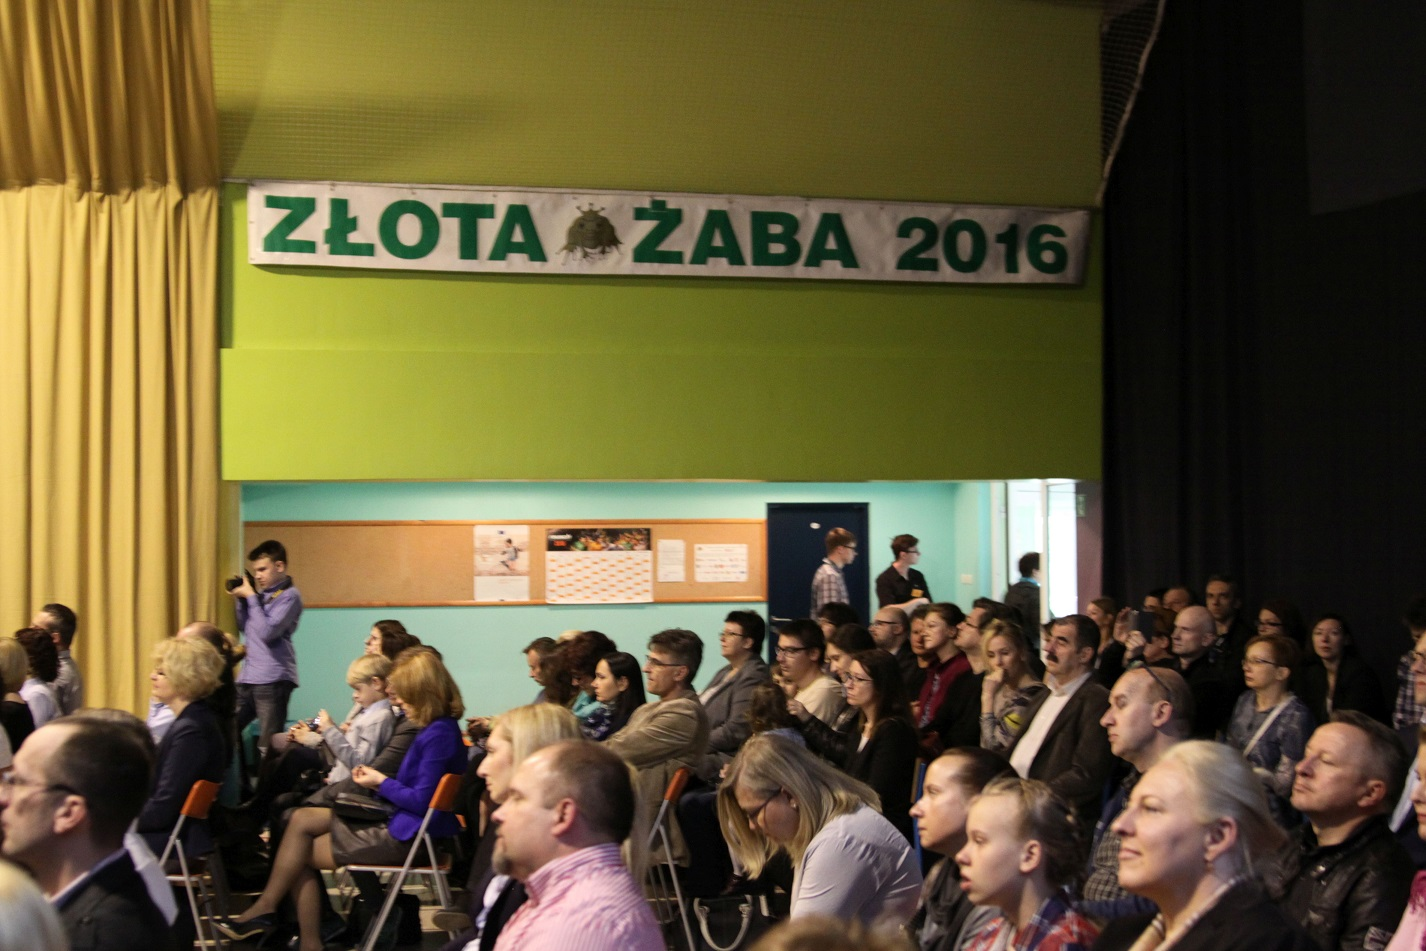 stłoczona publiczność i baner z rokiem